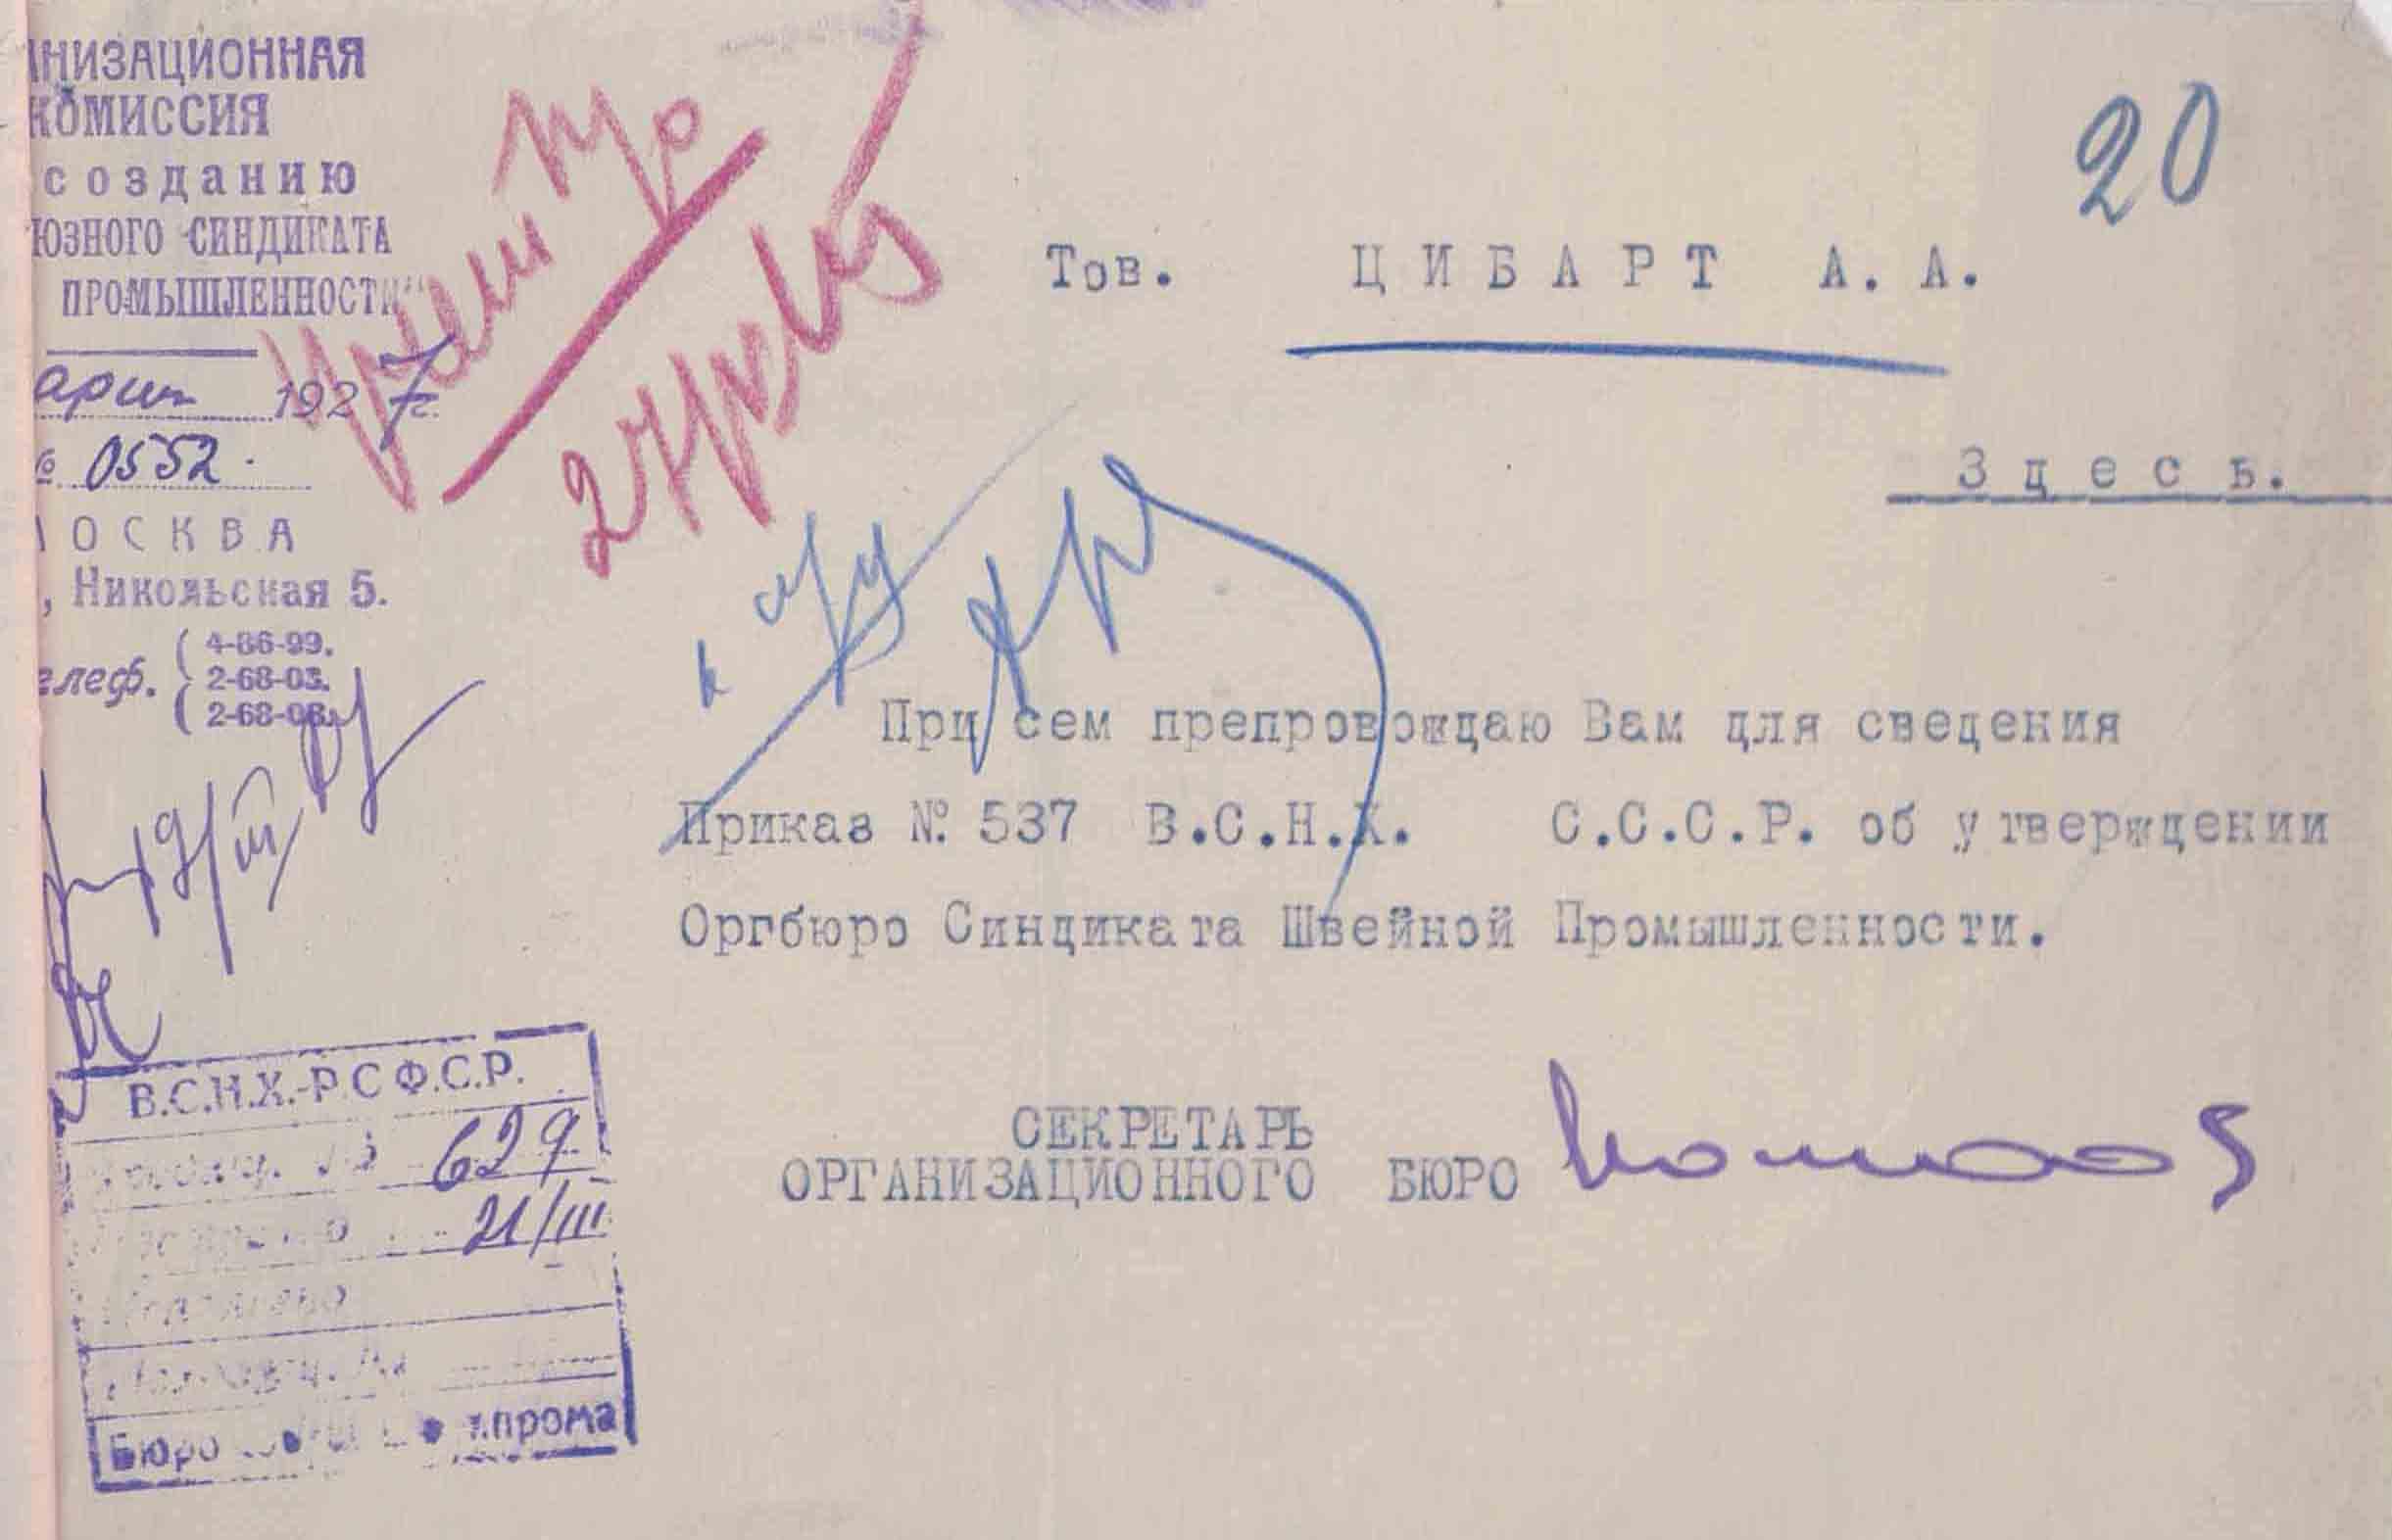 Больничный лист с подтверждением купить официально в Москве Красносельский задним числом